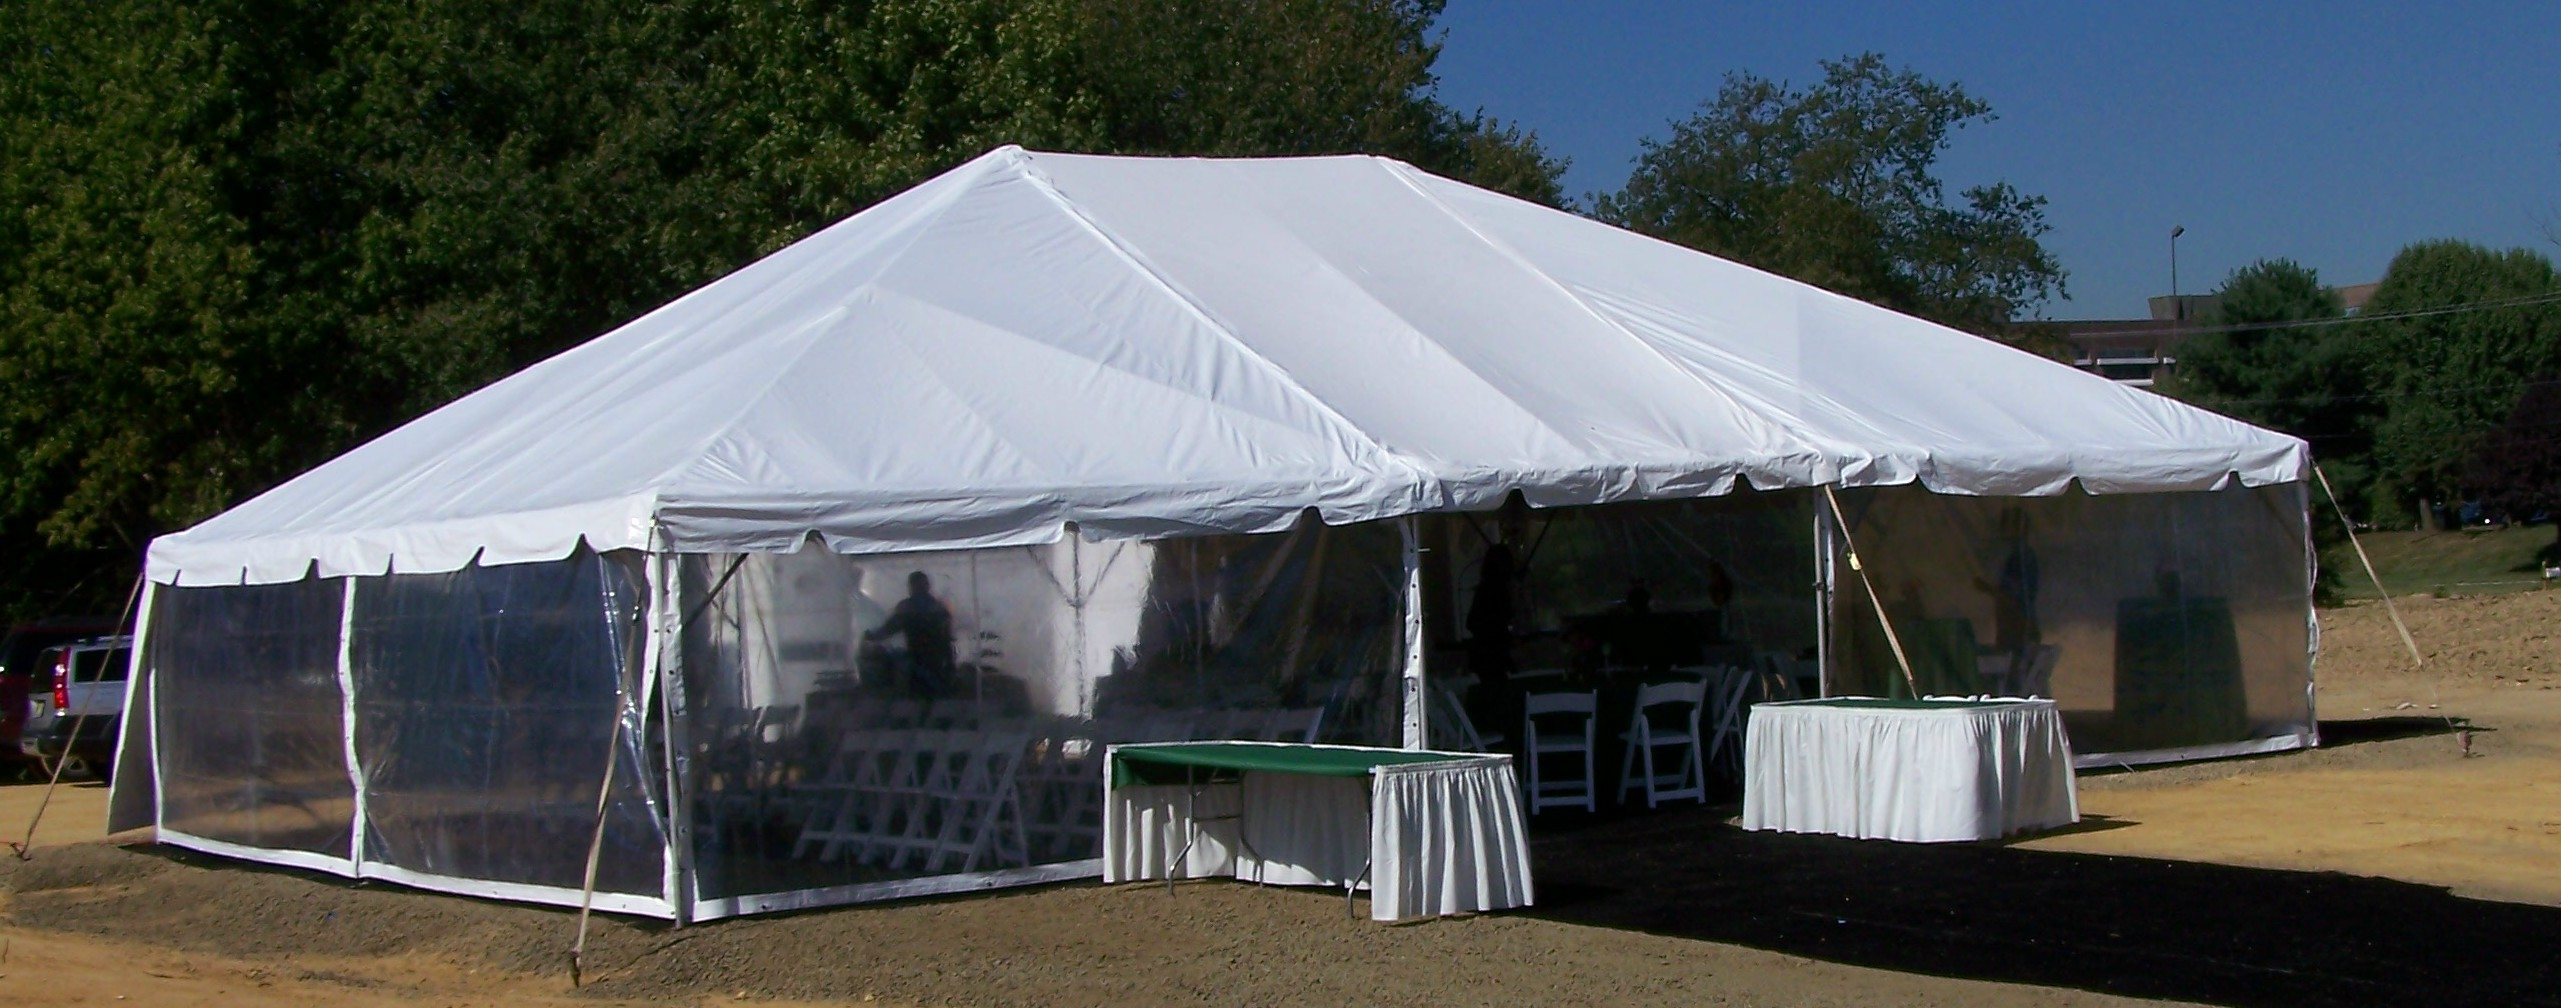 Ocean Tents30 x 40 1200 sq ft